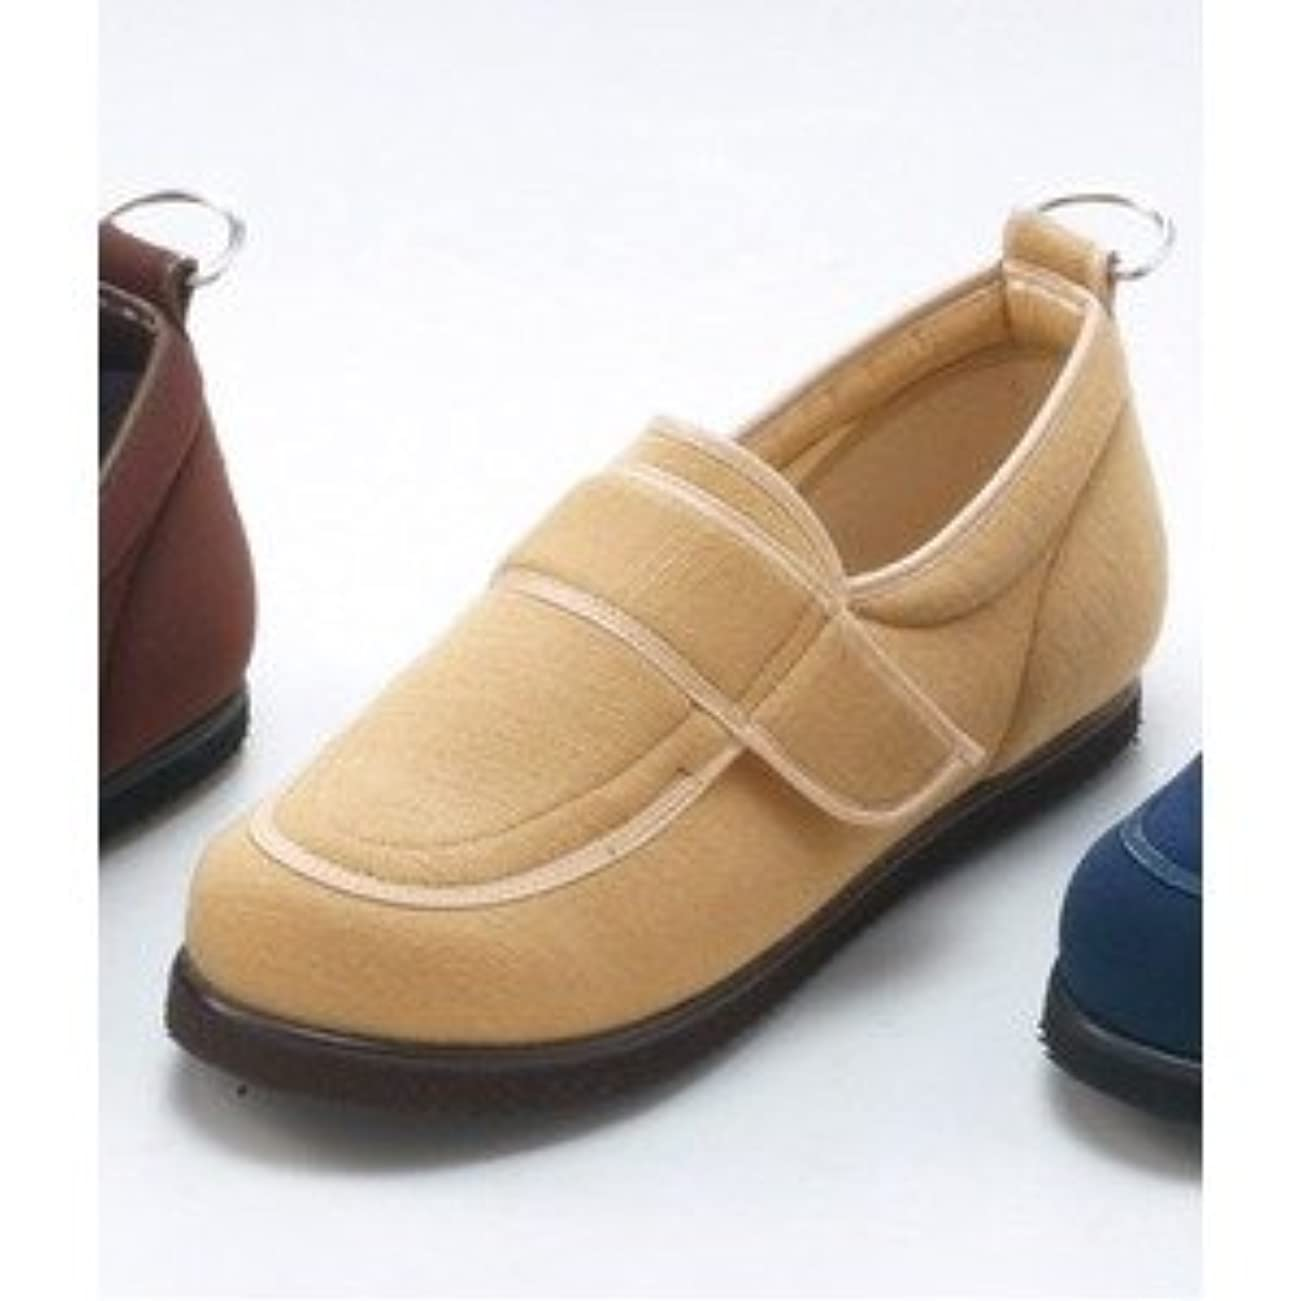 洗練された侵入ラップ介護靴/リハビリシューズ ベージュ LK-1(外履き) 【片足25.5cm】 3E 左右同形状 手洗い可/撥水 (歩行補助用品) 日本製